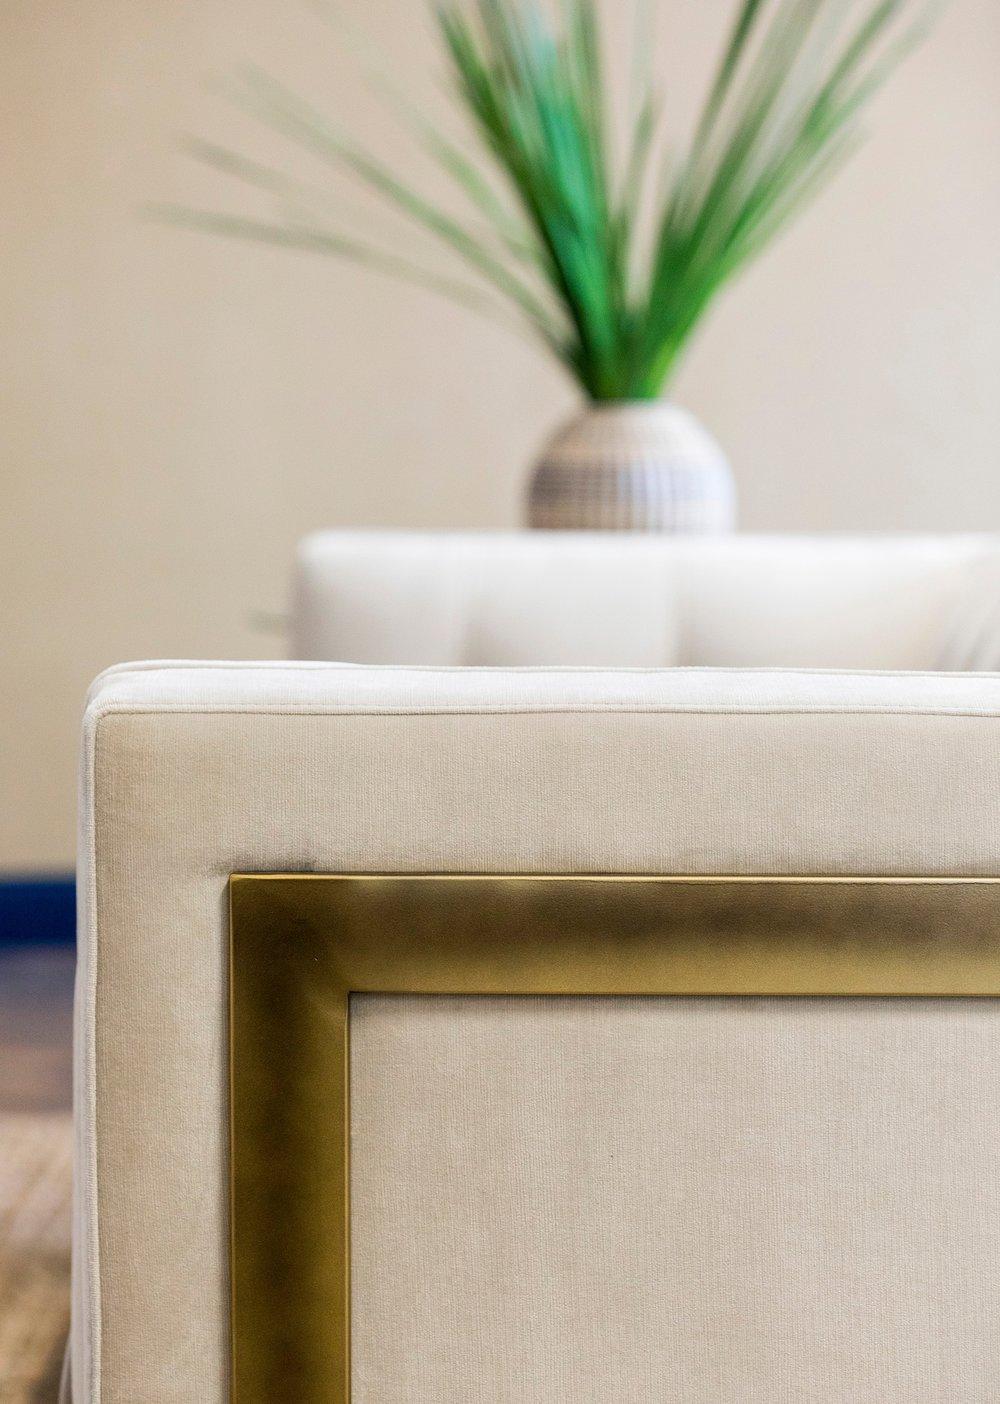 Sofa Detail | Vela Creative